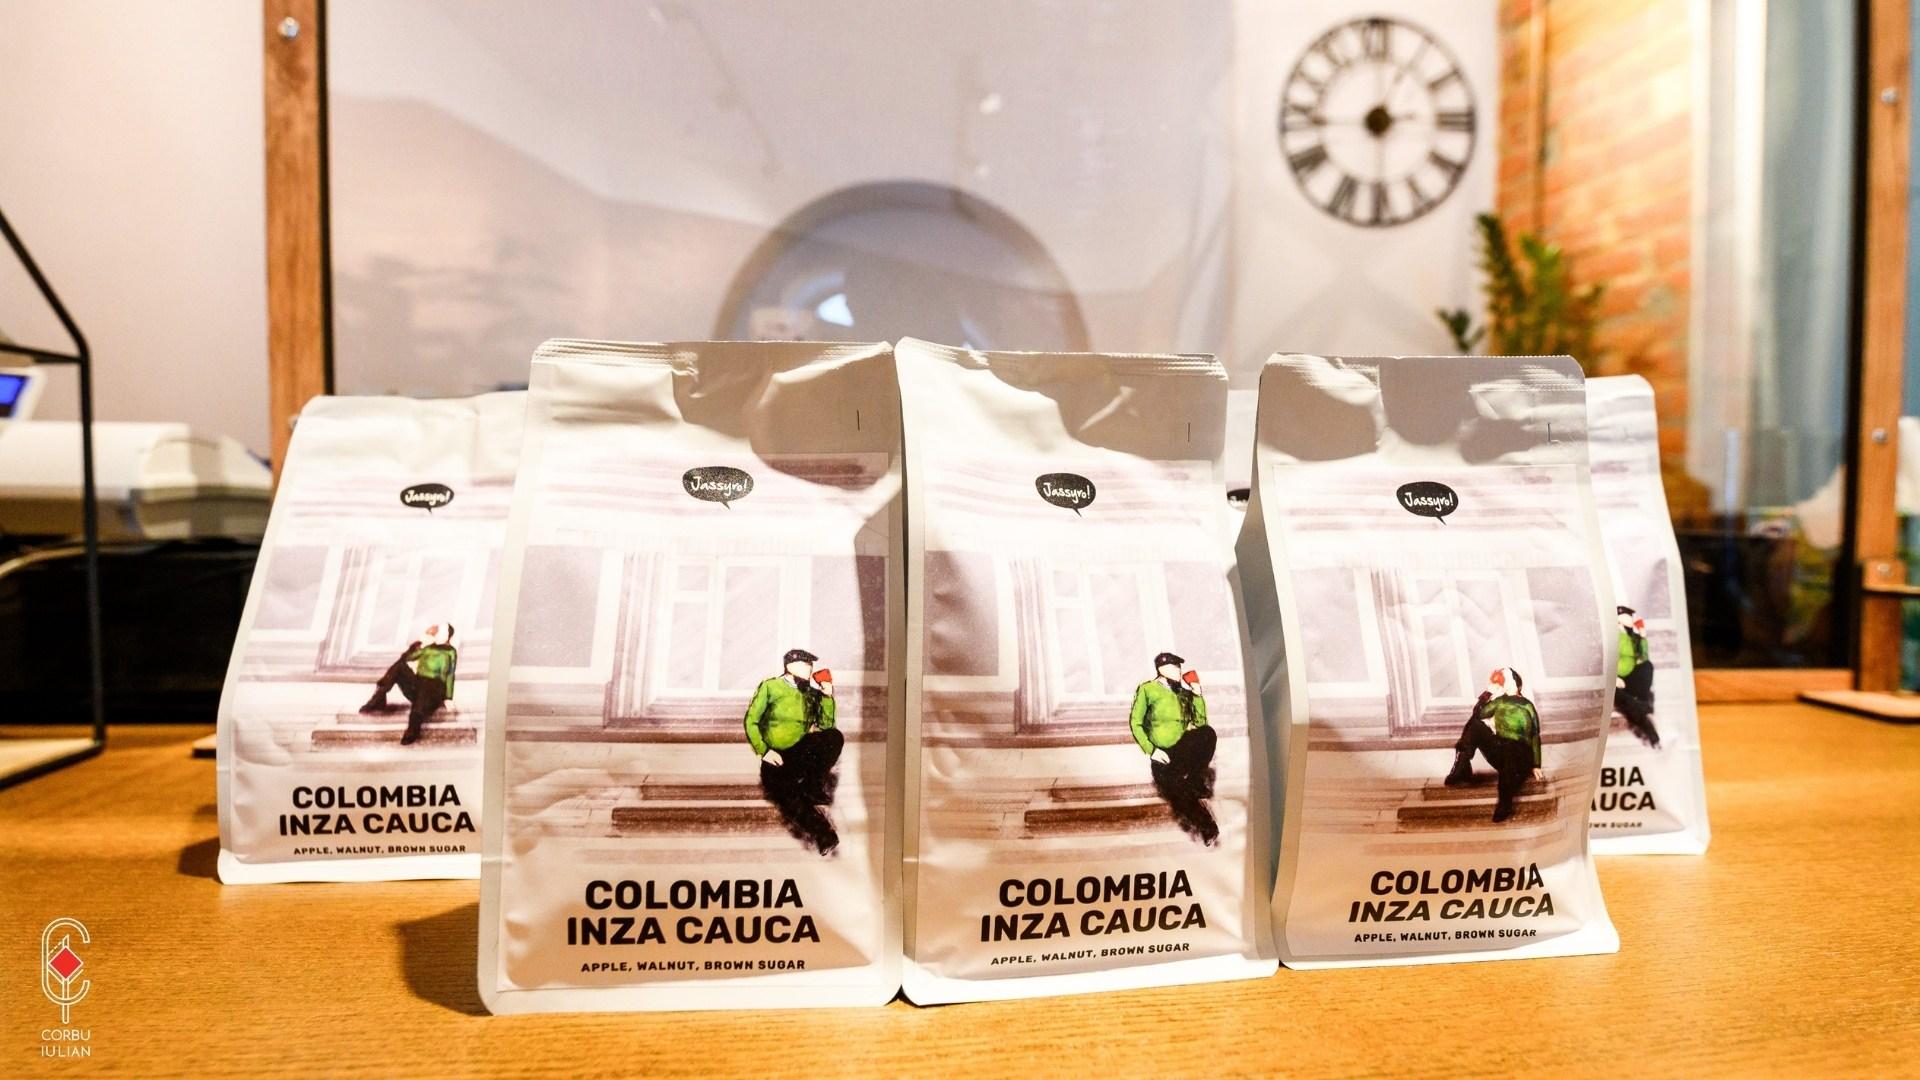 Jassyro Patio Copou - Specialty Coffee & Wine (11)